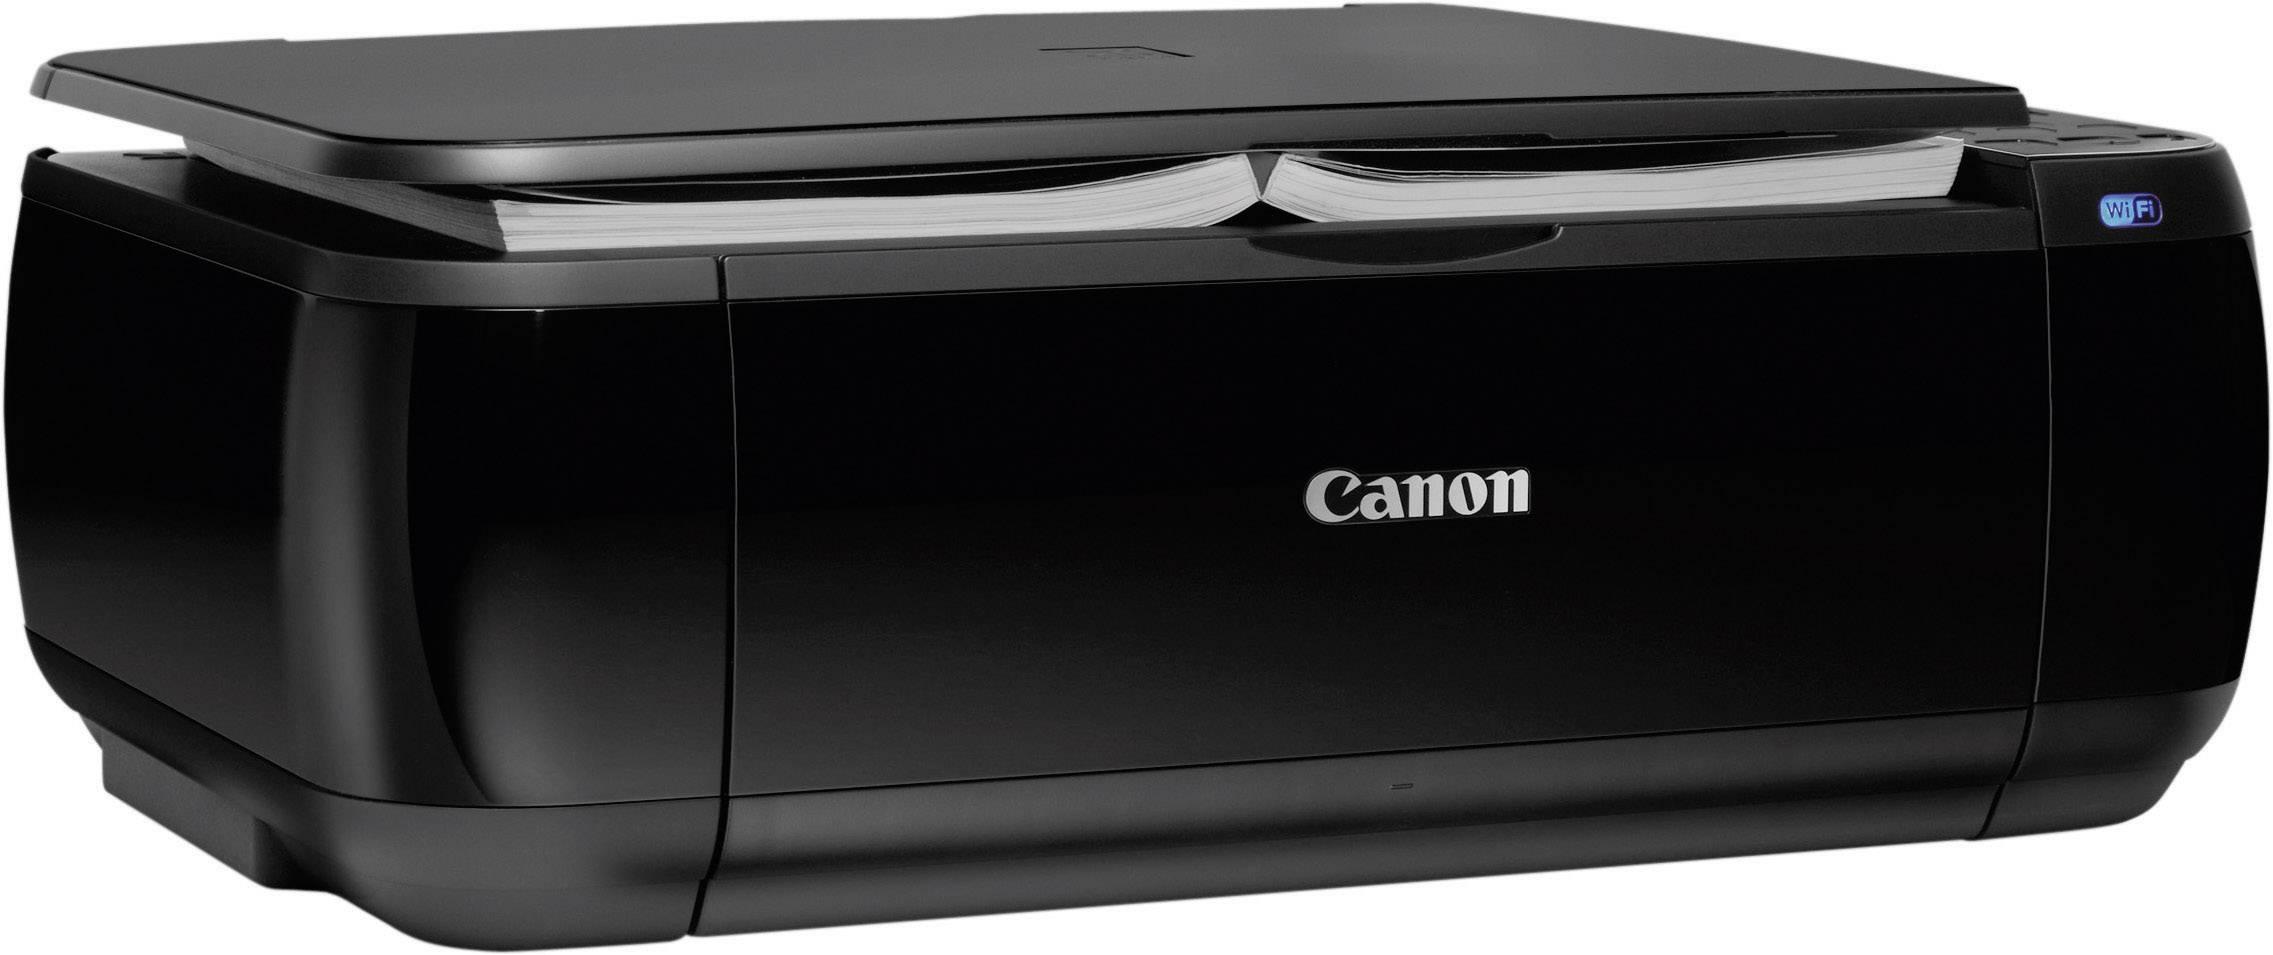 Innovative Canon Pixma Printer Canon Pixma Printer From Conrad Electronic Uk Canon Pixma Mp495 Usb Cable Canon Pixma Mp495 Error Codes dpreview Canon Pixma Mp495